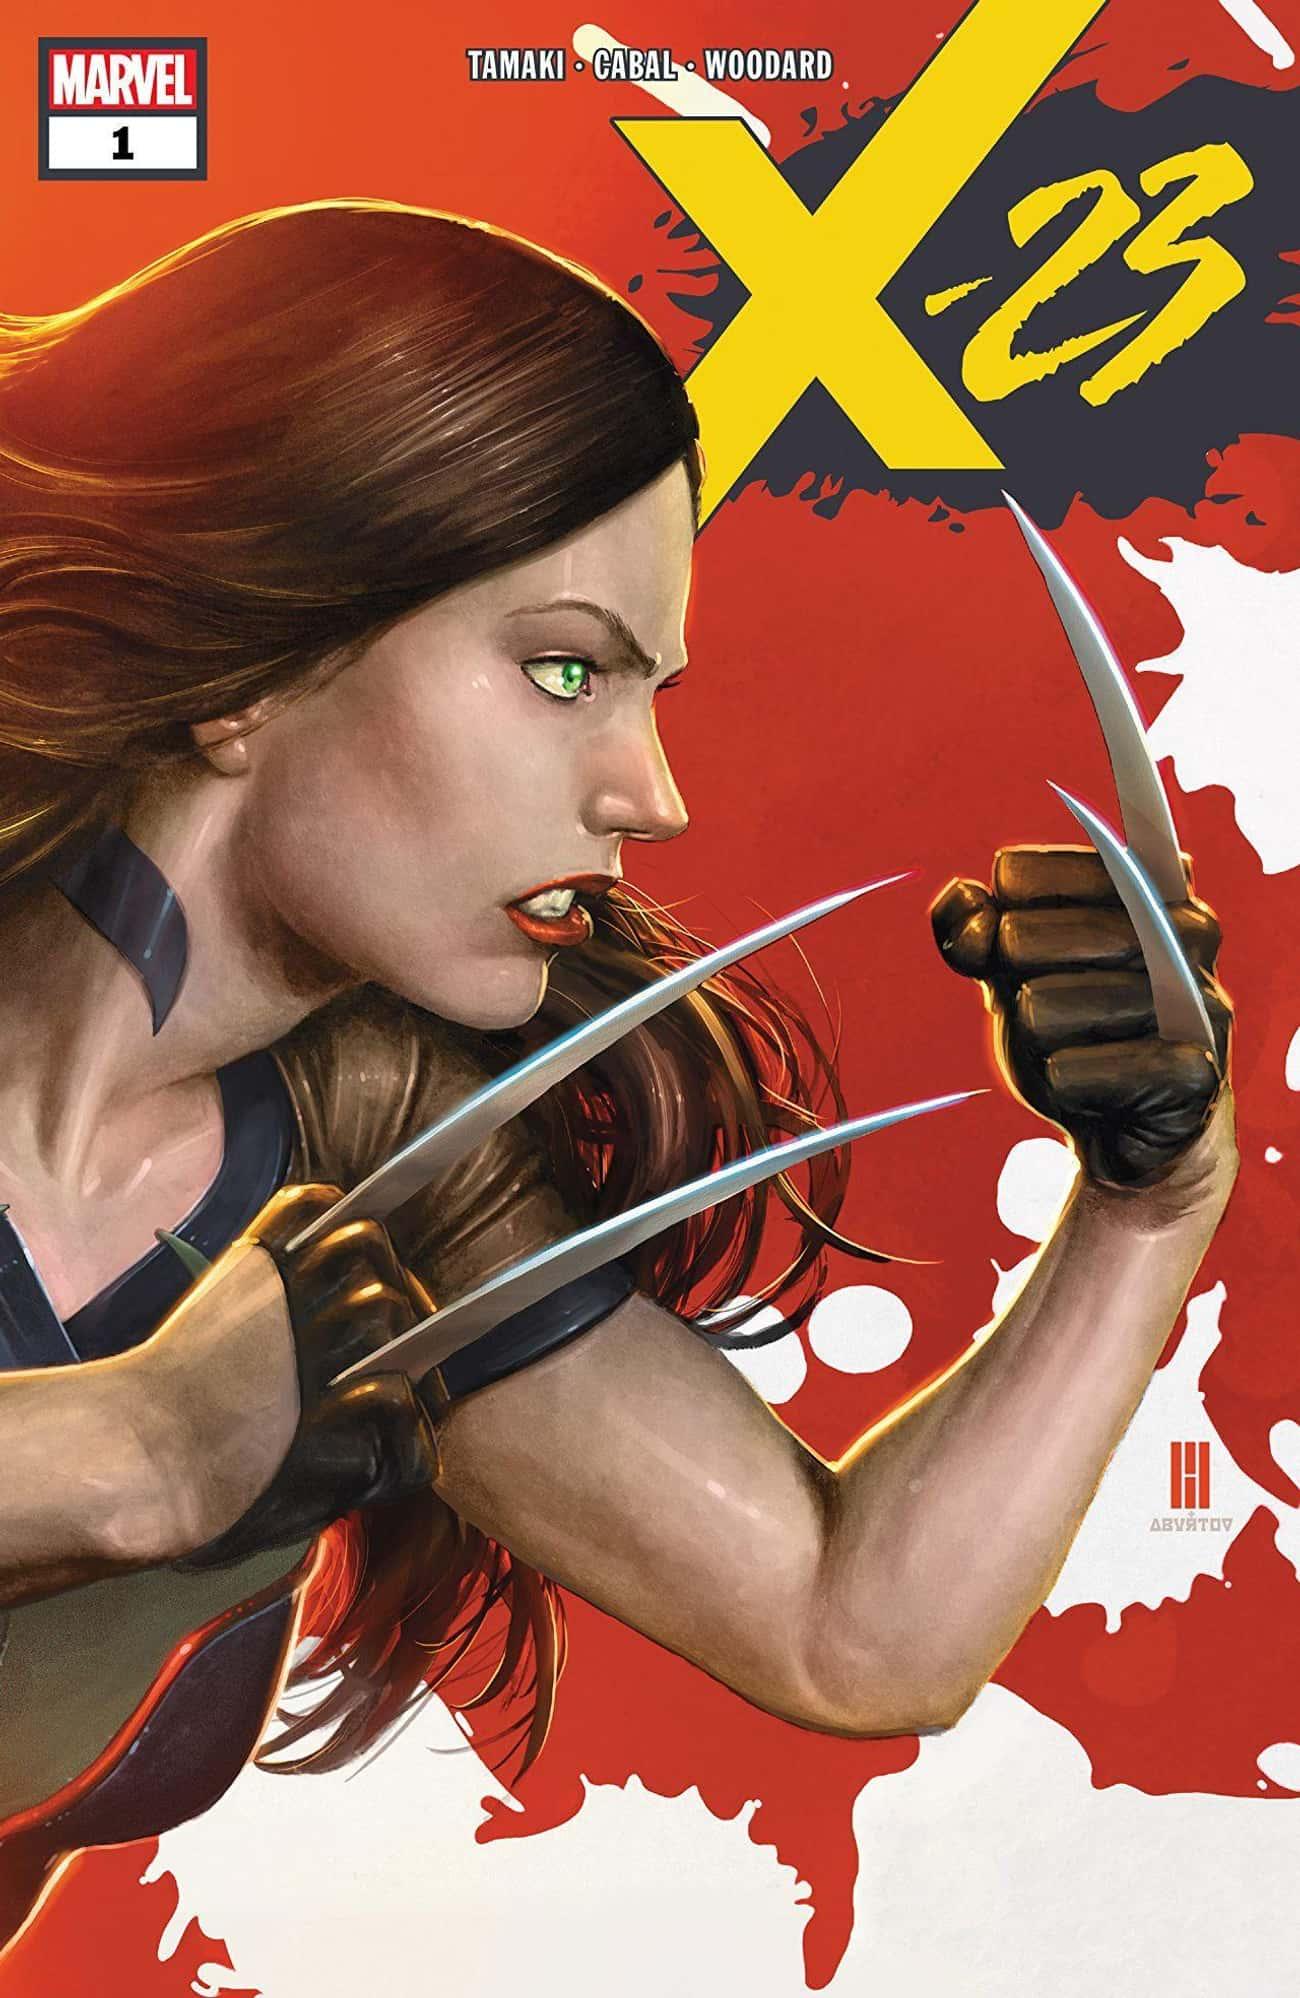 X-23 (Wolverine)